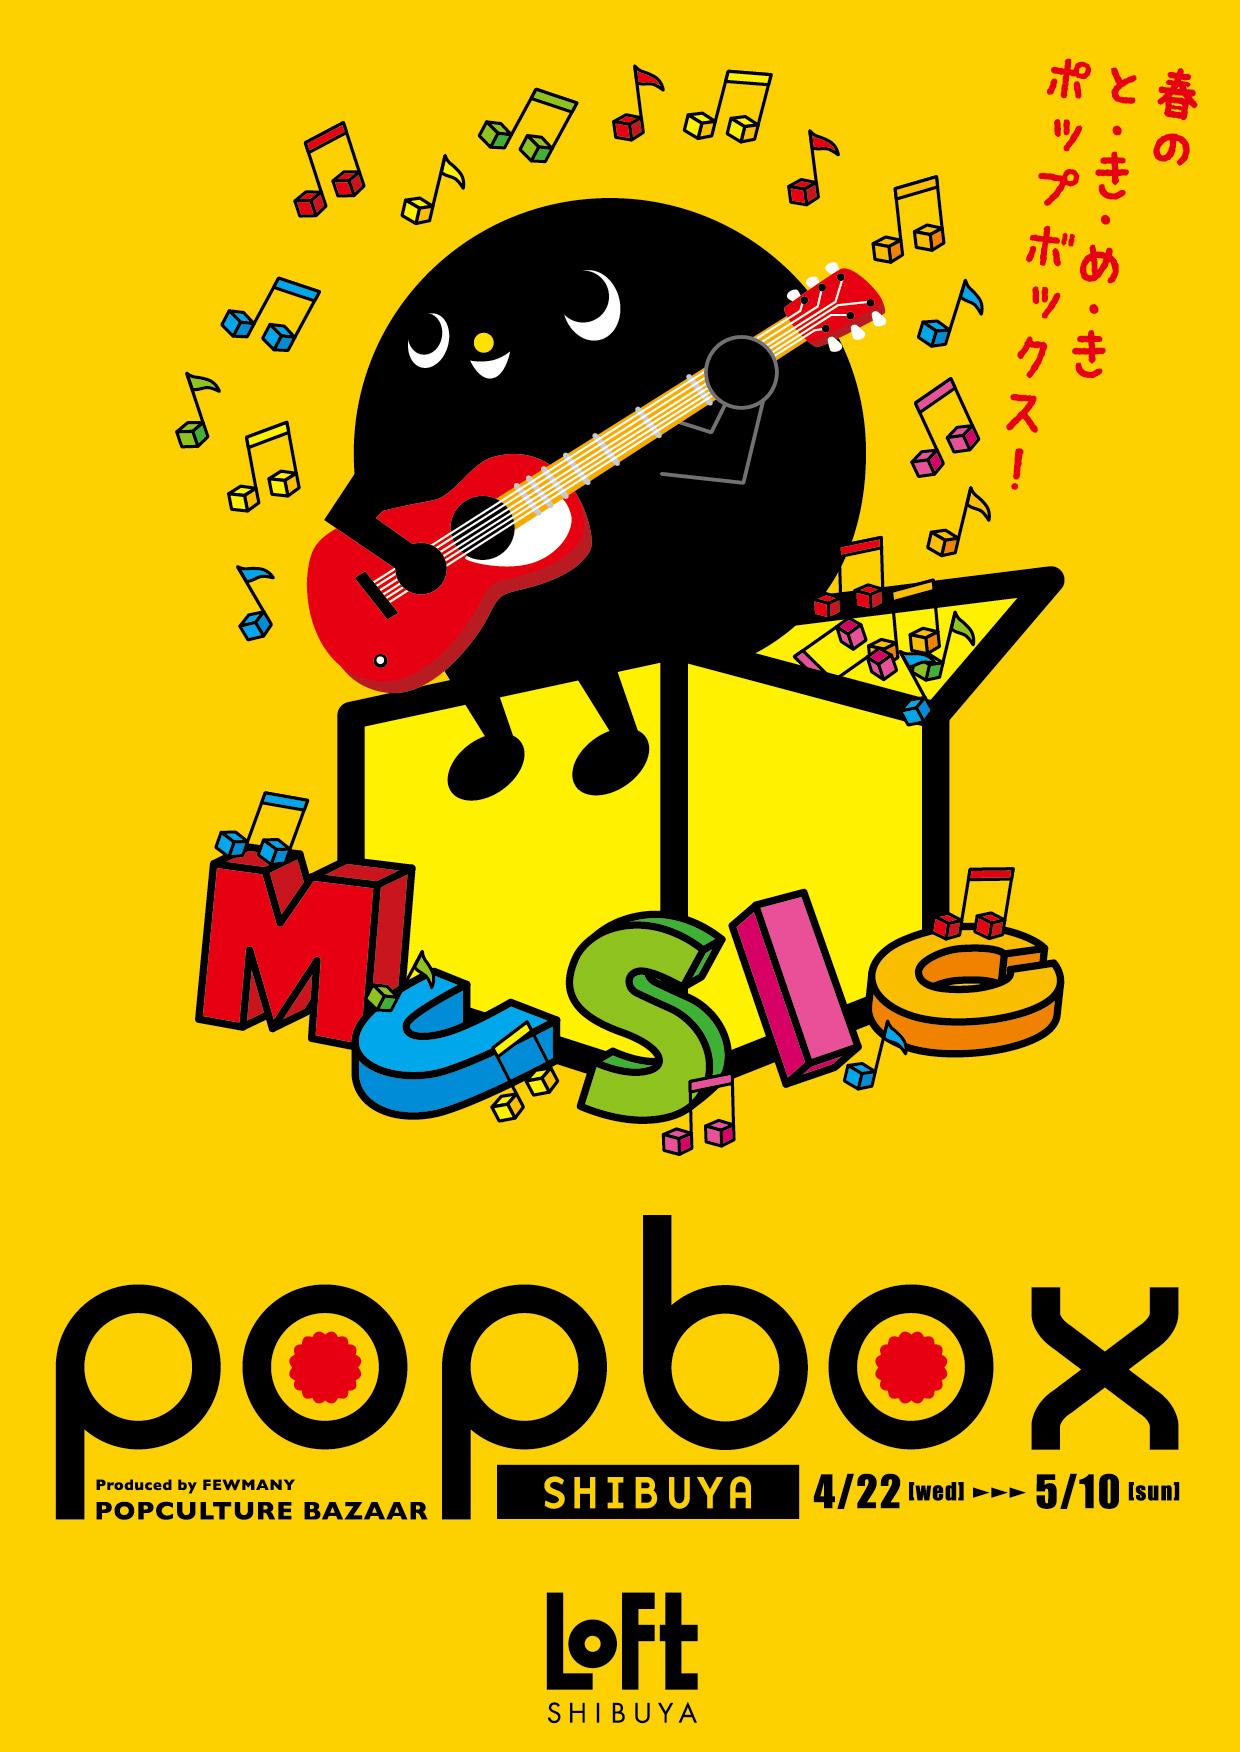 渋谷POPBOX、ココットマーケット開催のお知らせです。_f0010033_1630221.jpg